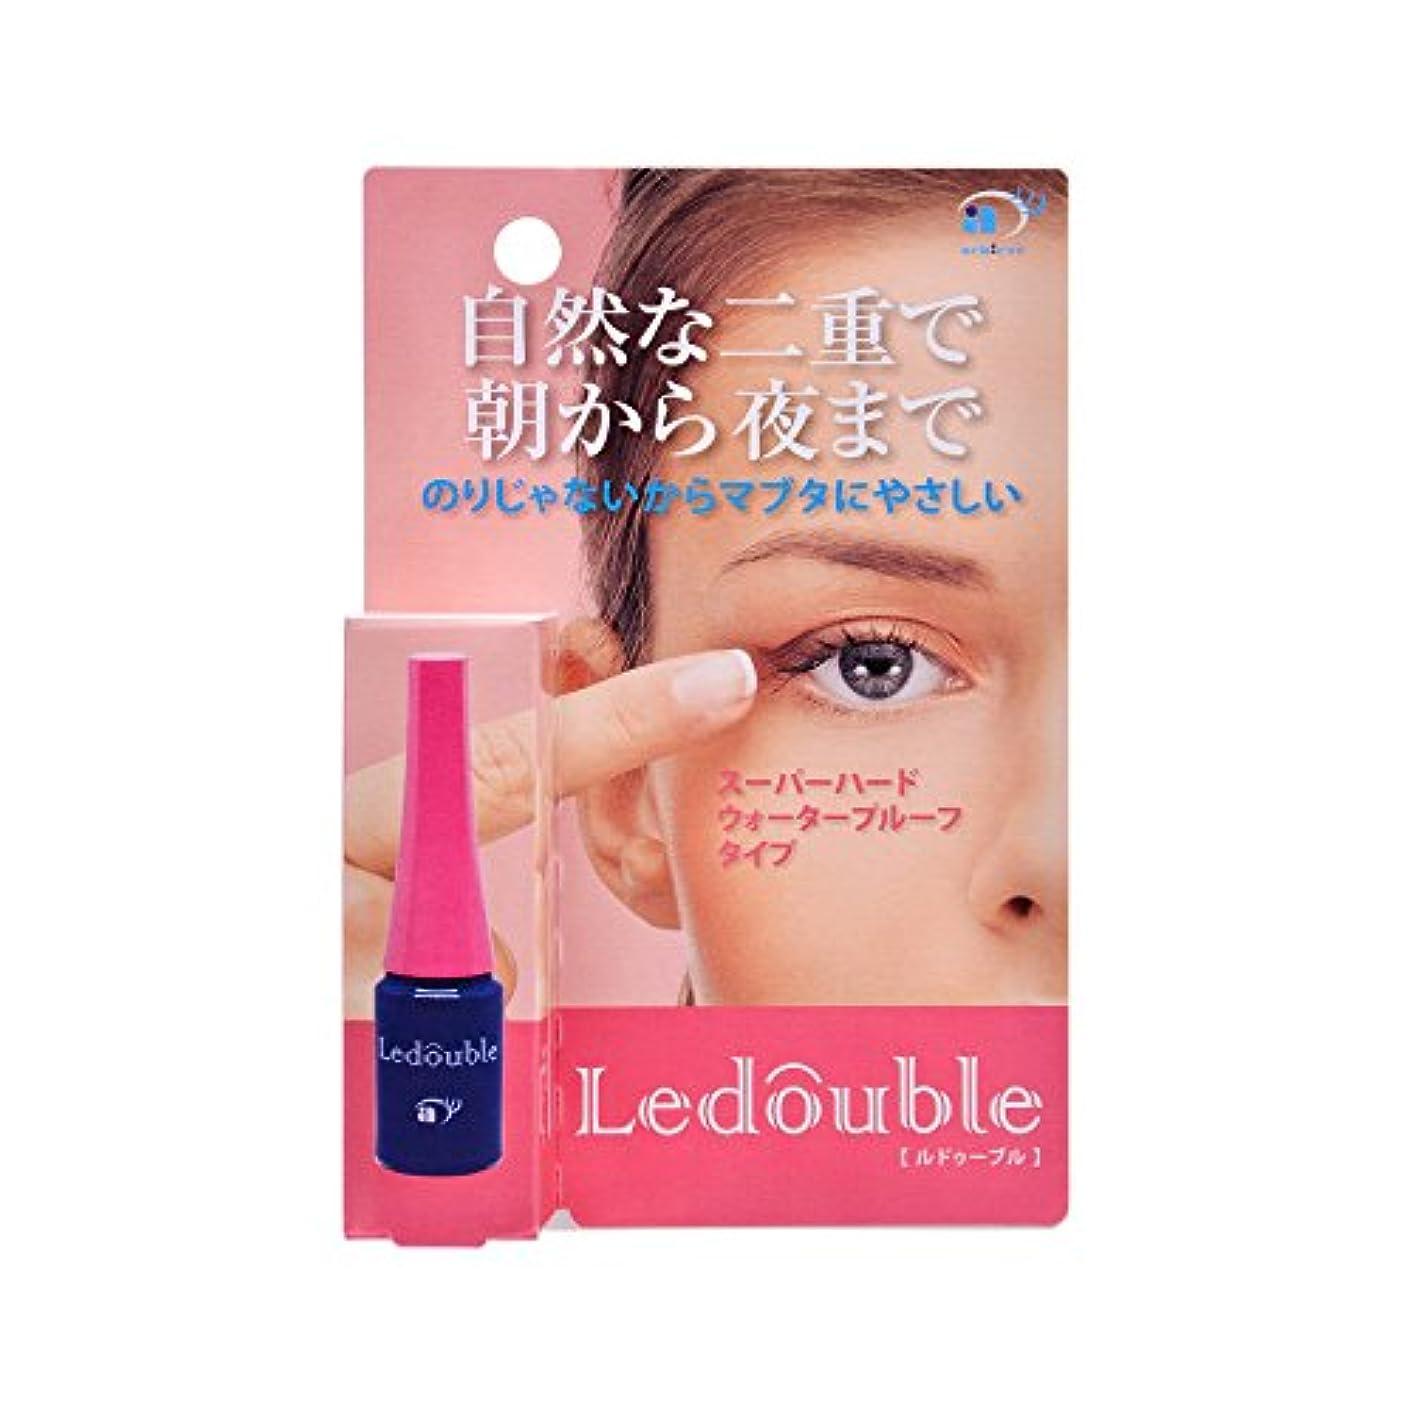 誇張する熟練した爪Ledouble [ルドゥーブル] 二重まぶた化粧品 (2mL)